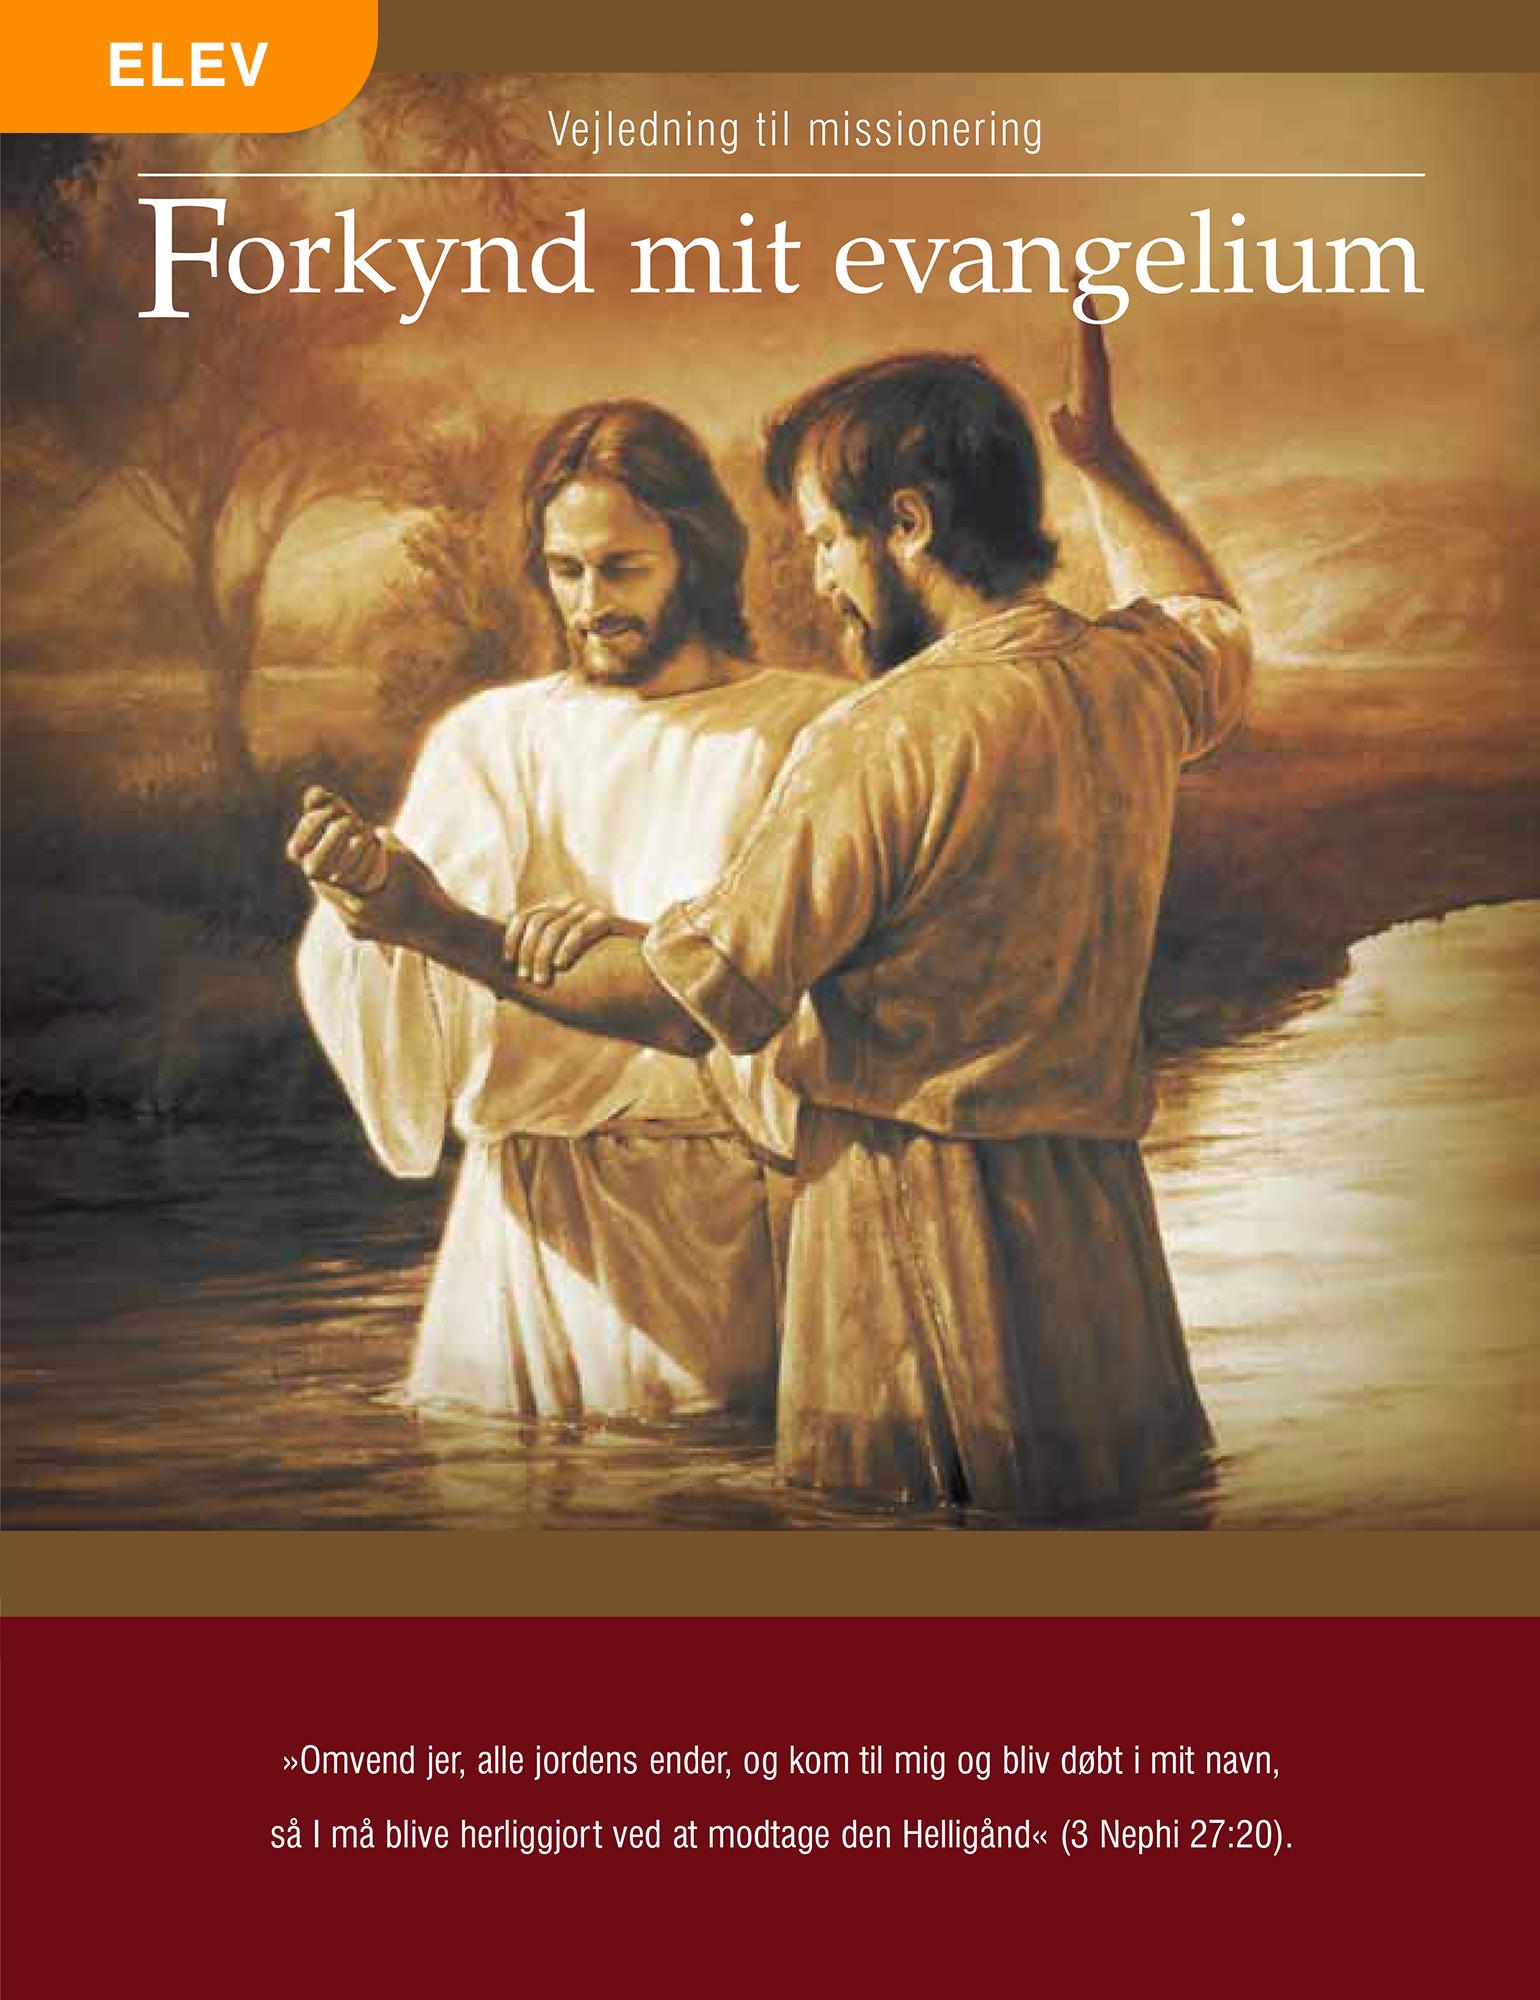 Forkynd mit evangelium